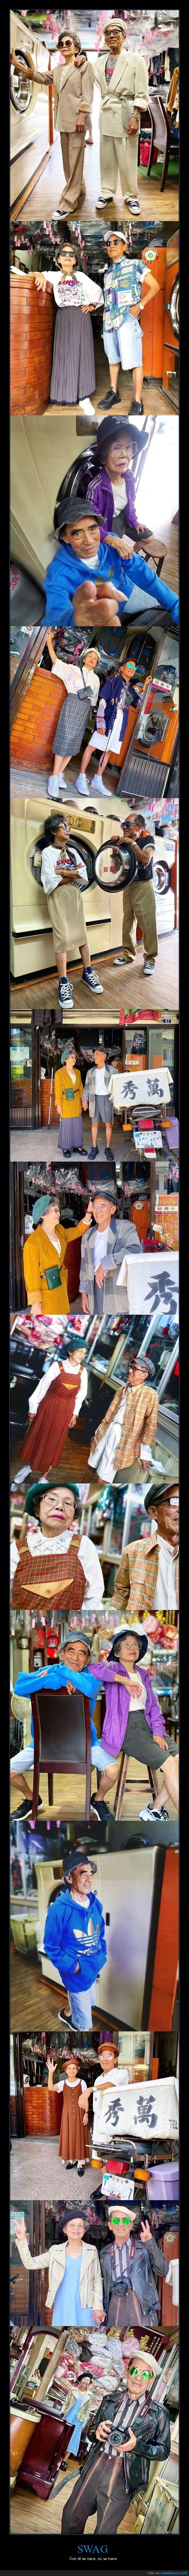 abuelos,lavandería,pareja,ropa,taiwan